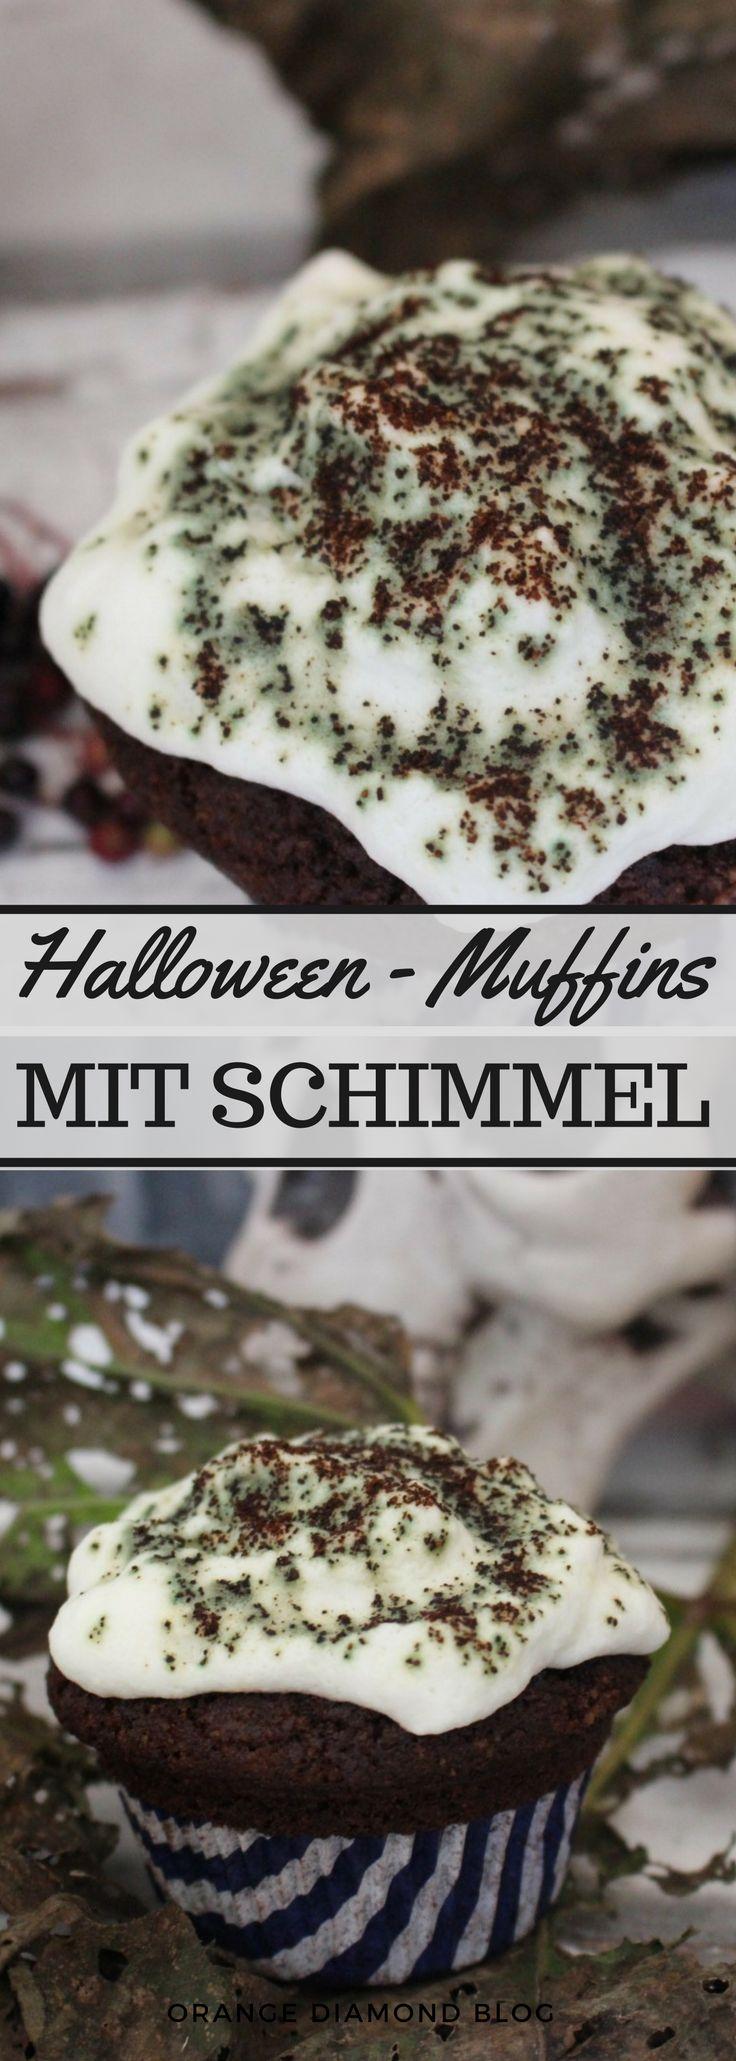 Halloween Muffins mit Schimmel! Schnelle Schokolaen Muffins für das Grusel-Buffet zu Halloween. Buffett Ideen zur Halloween-Party gehören auch die richtigen Halloween-Gerichte.